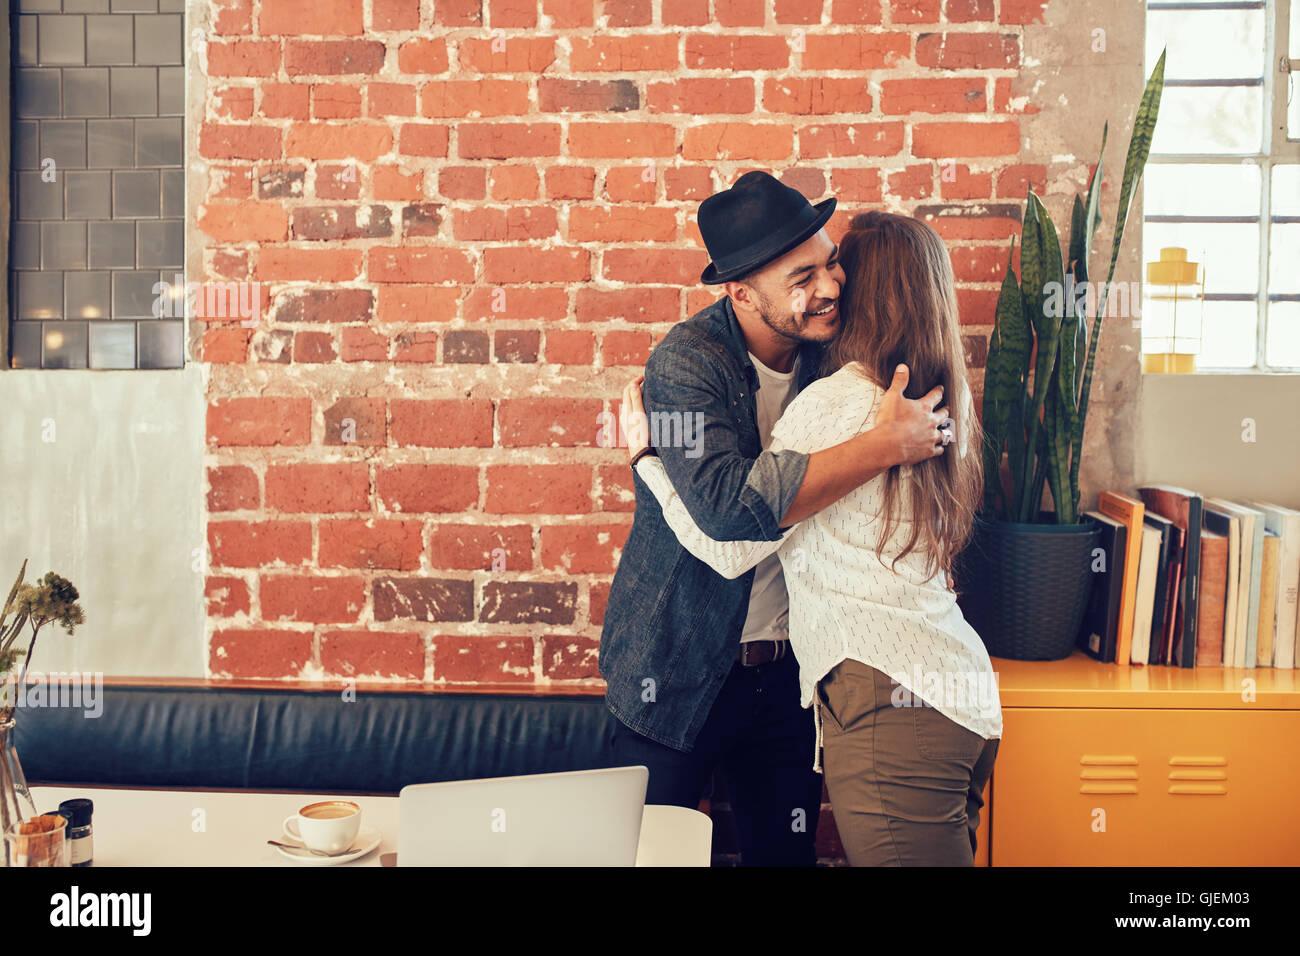 Portrait de jeune homme au café une femme de vœux. Jeune homme serrant sa petite amie dans un café. Banque D'Images